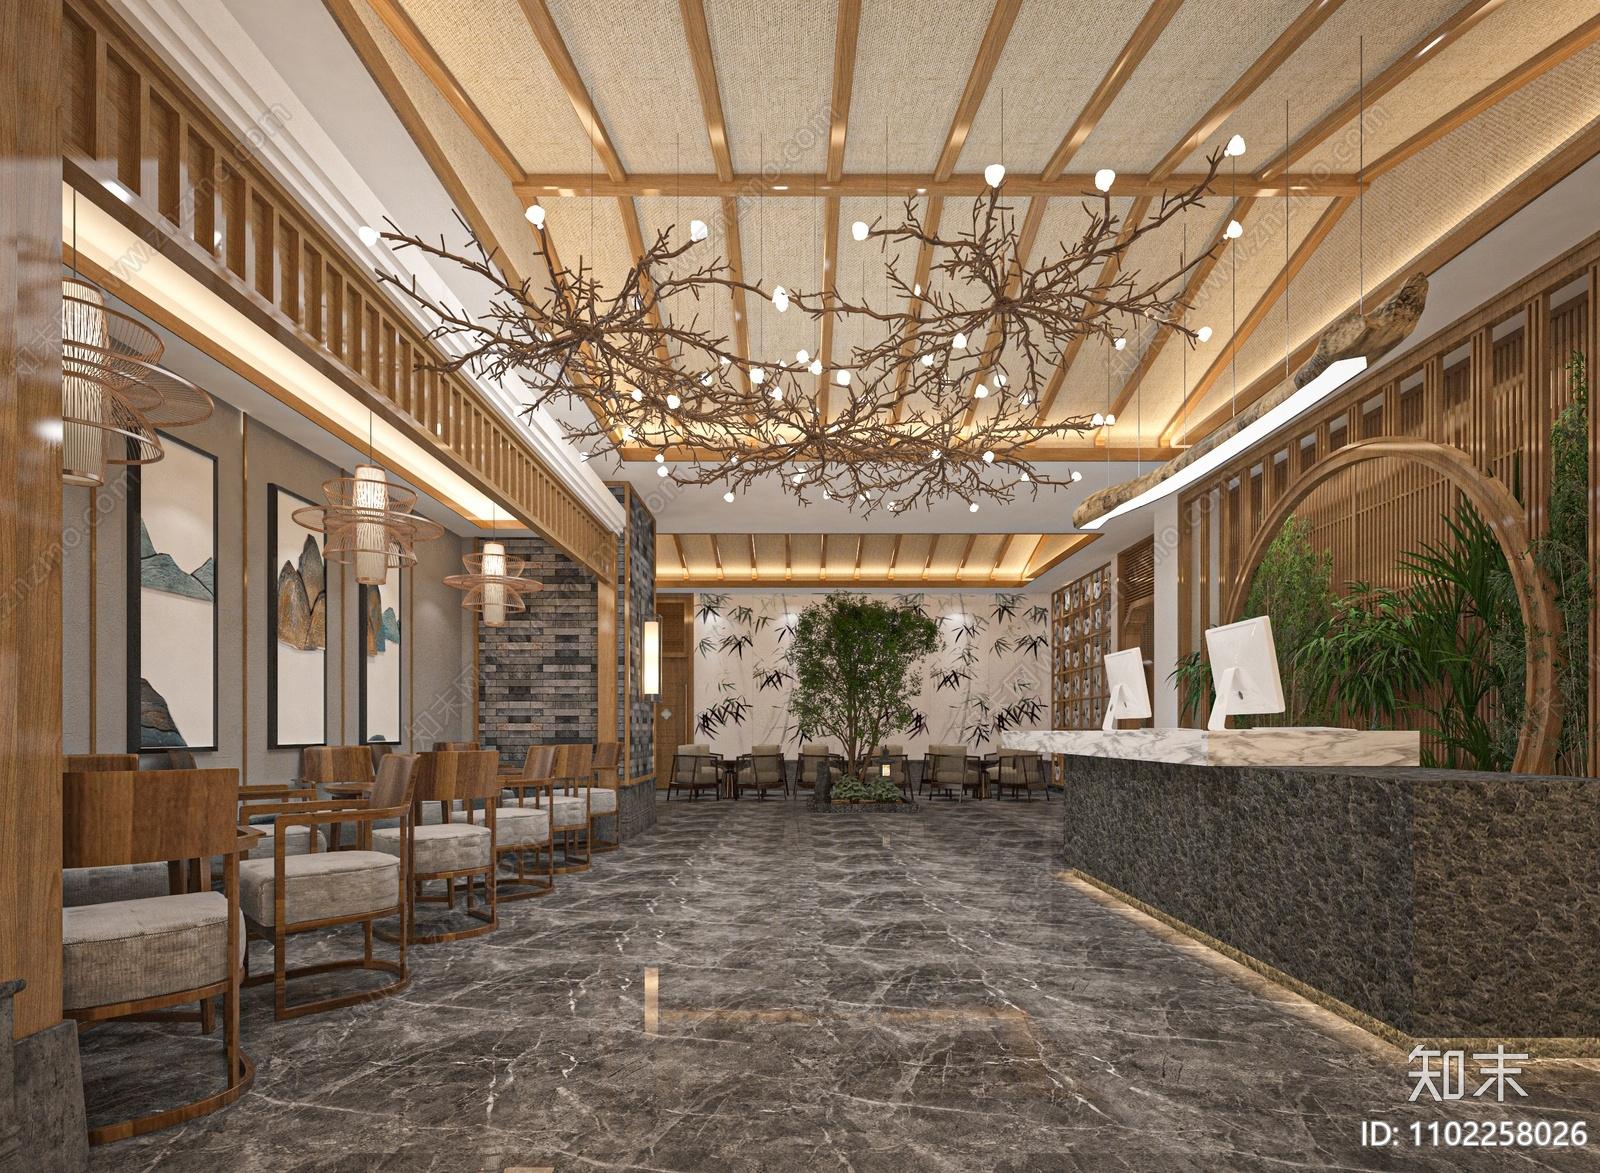 新中式酒店大厅SU模型下载【ID:1102258026】